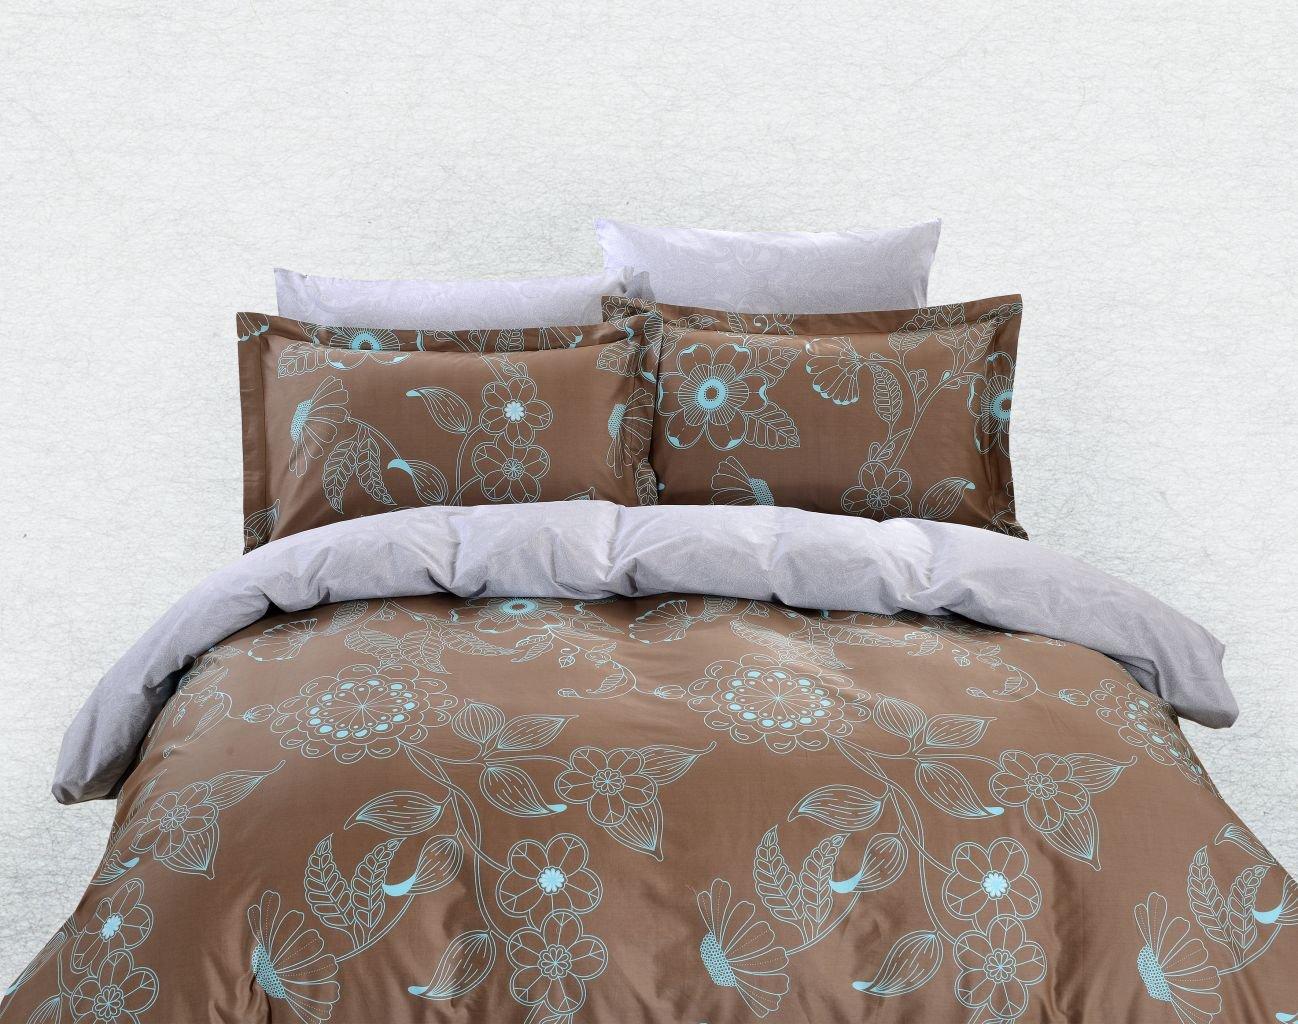 Duvet Cover Set Luxury Queen Bedding Dolce Mela Dm629q